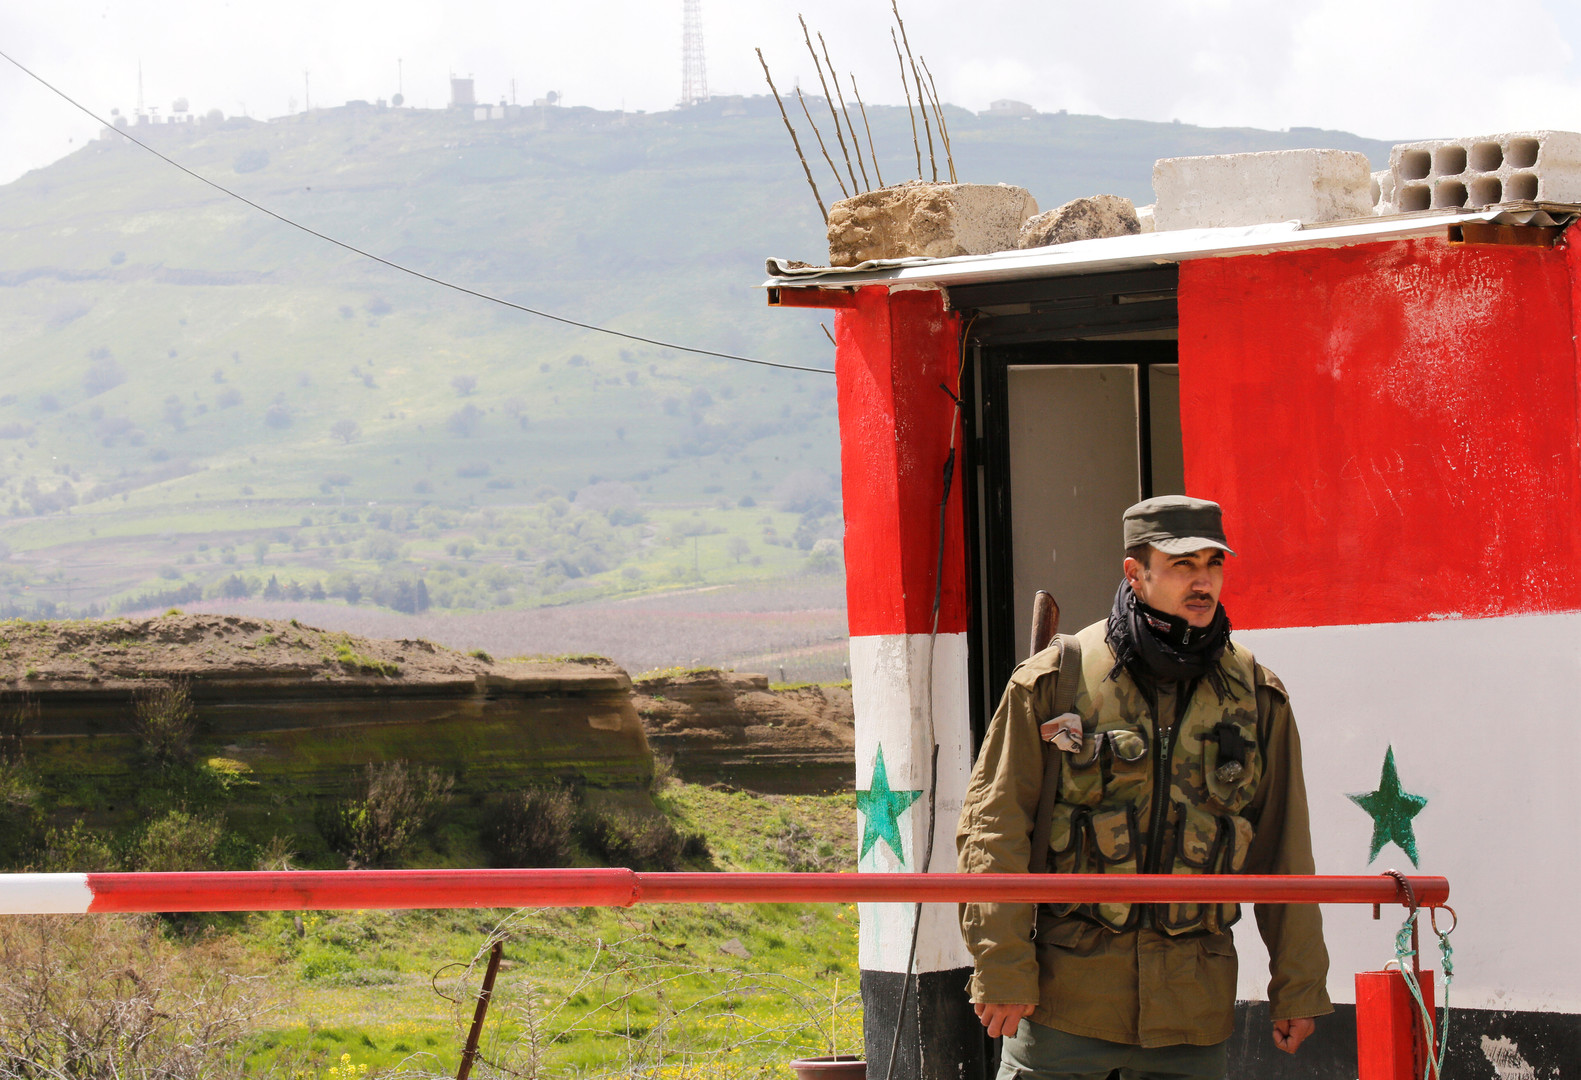 مصدر لـ RT: الشرطة السورية تفتتح نقاط تفتيش قرب الحدود مع العراق -